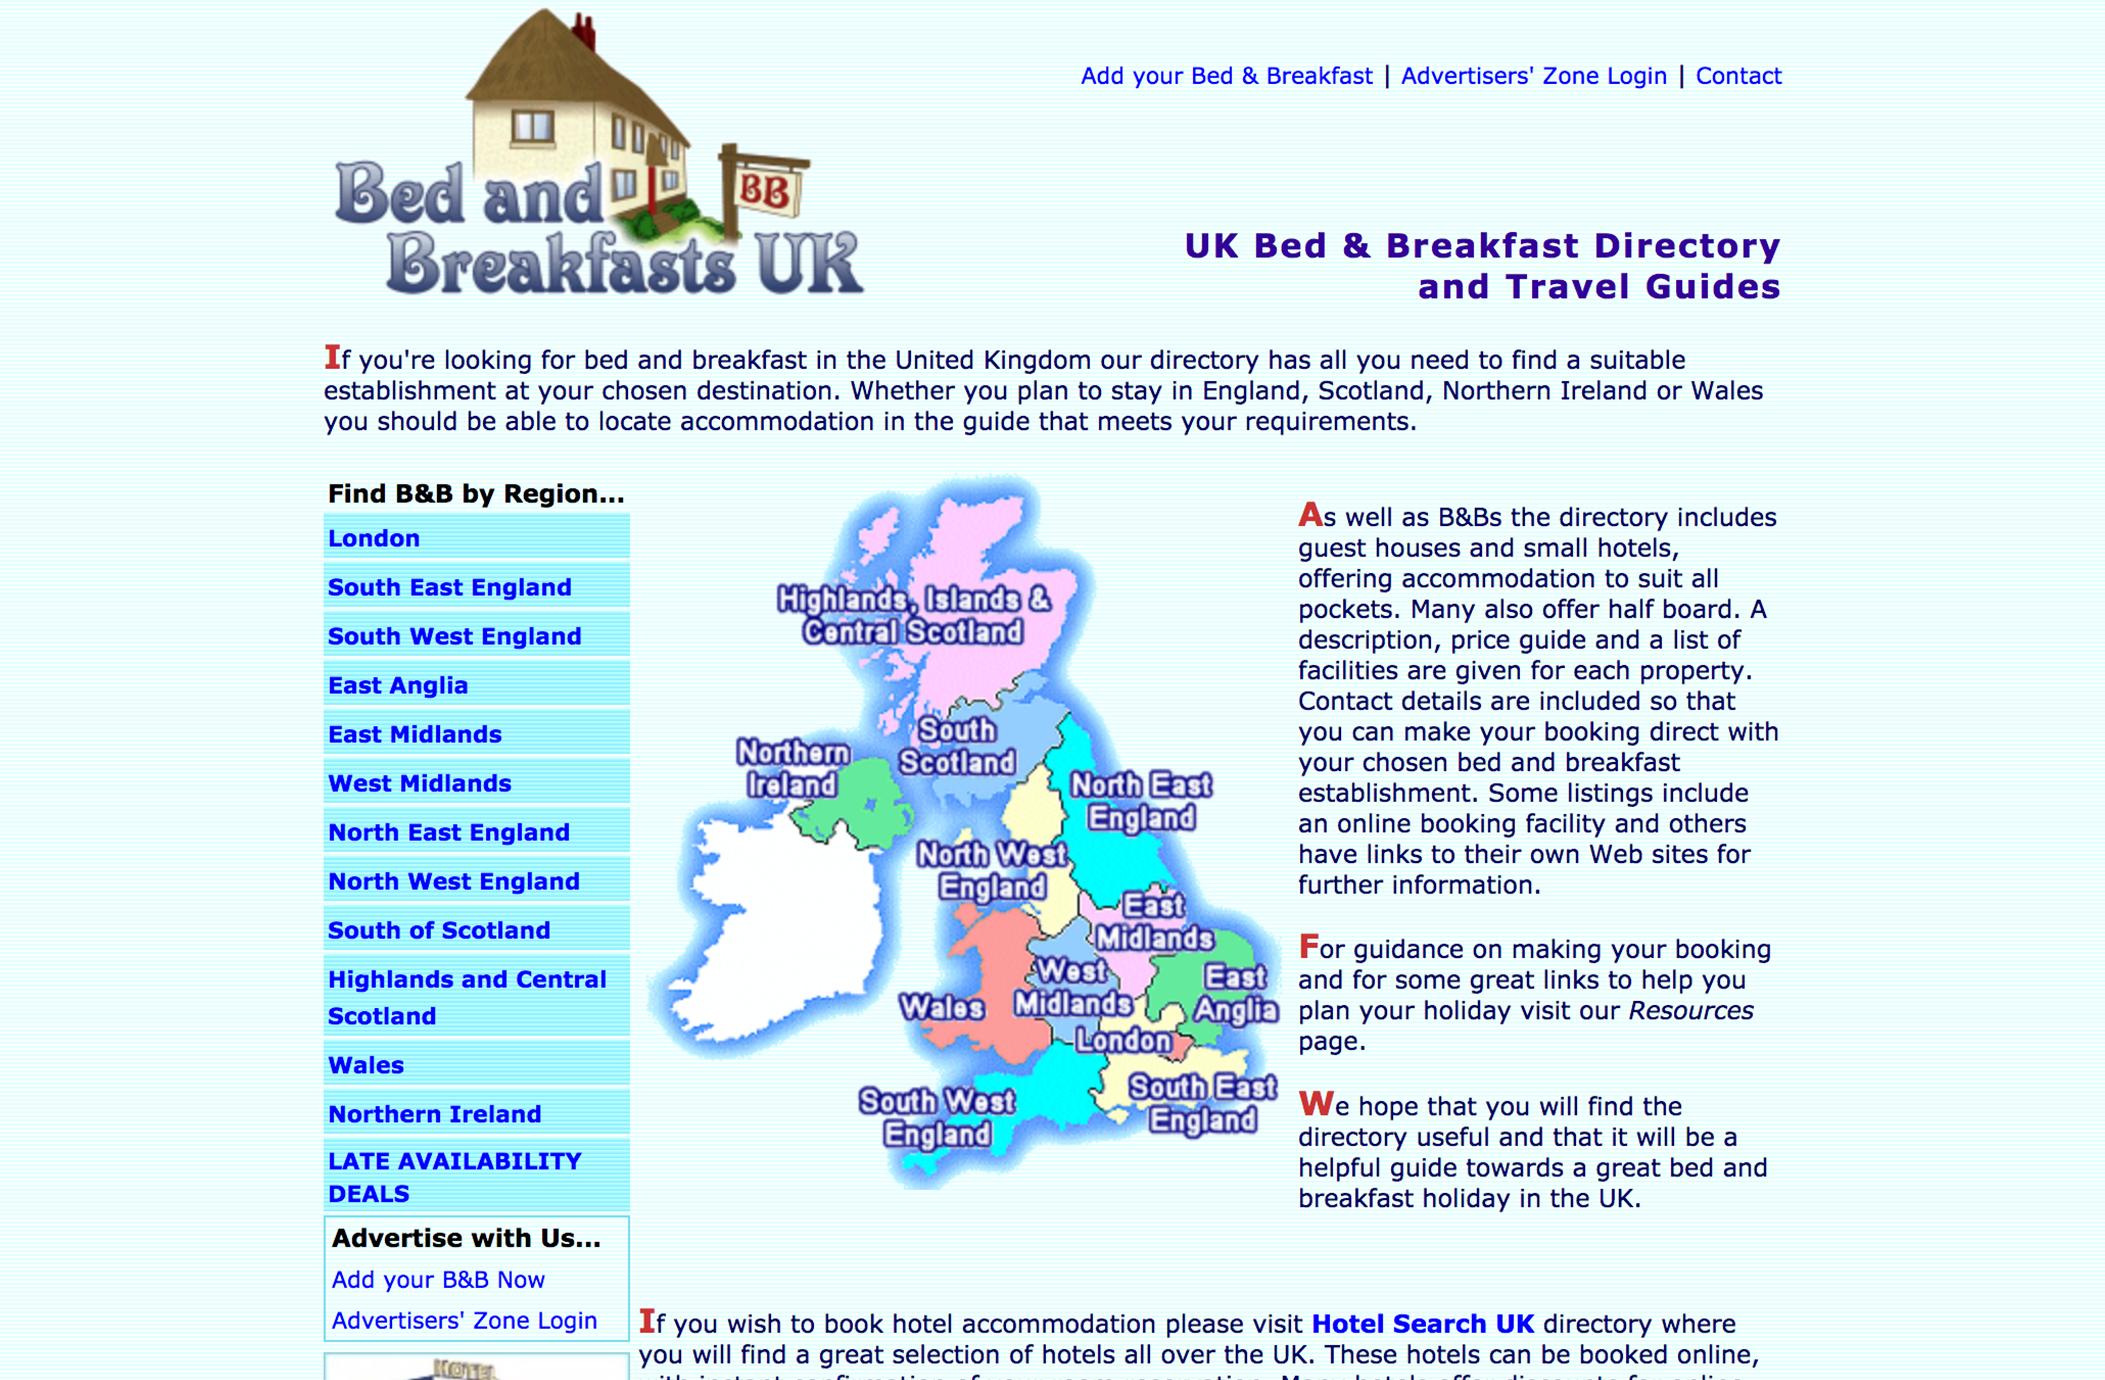 Bed & Breakfasts UK